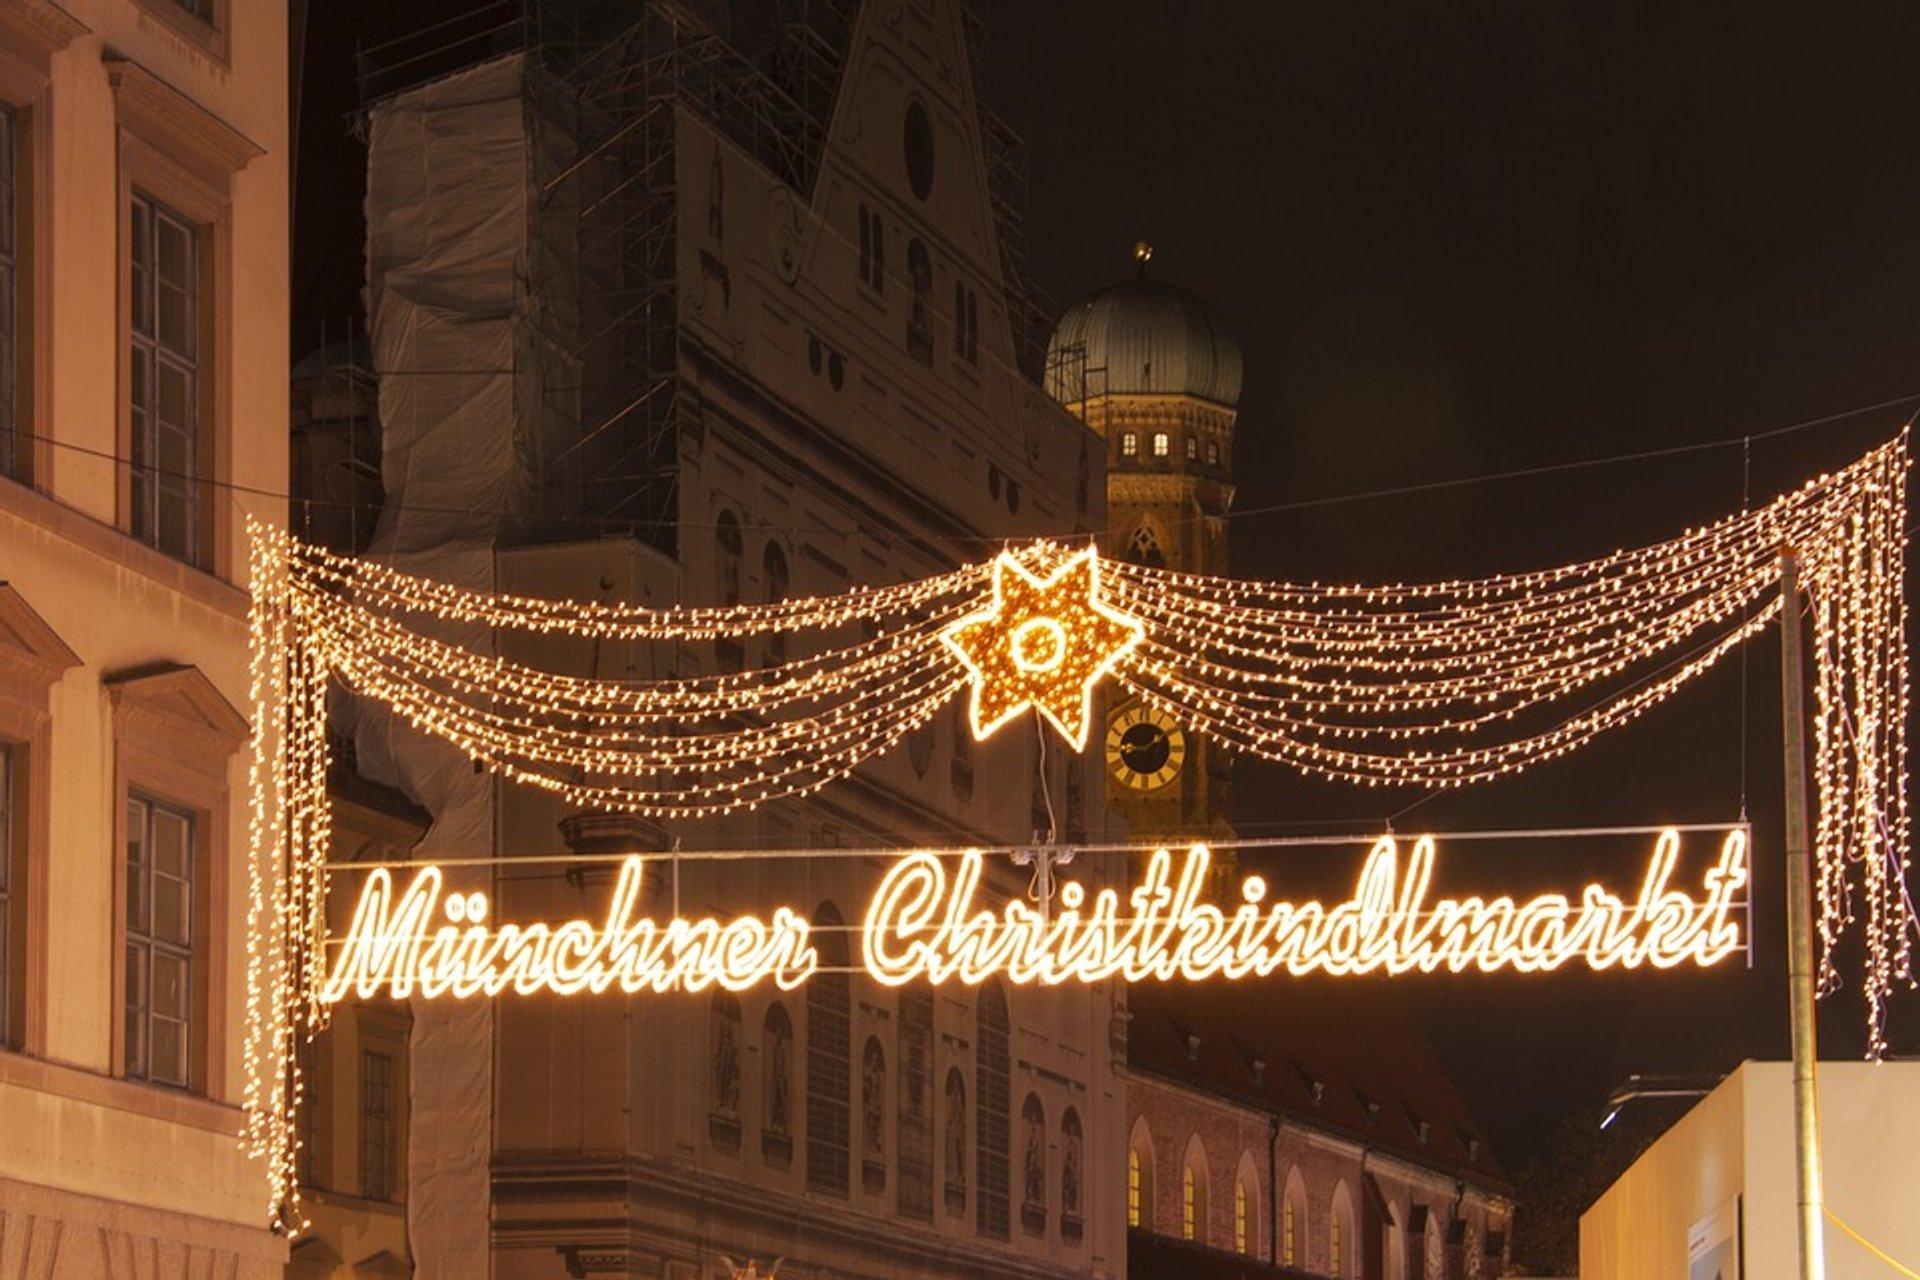 Münchner Christkindlmarkt 2020